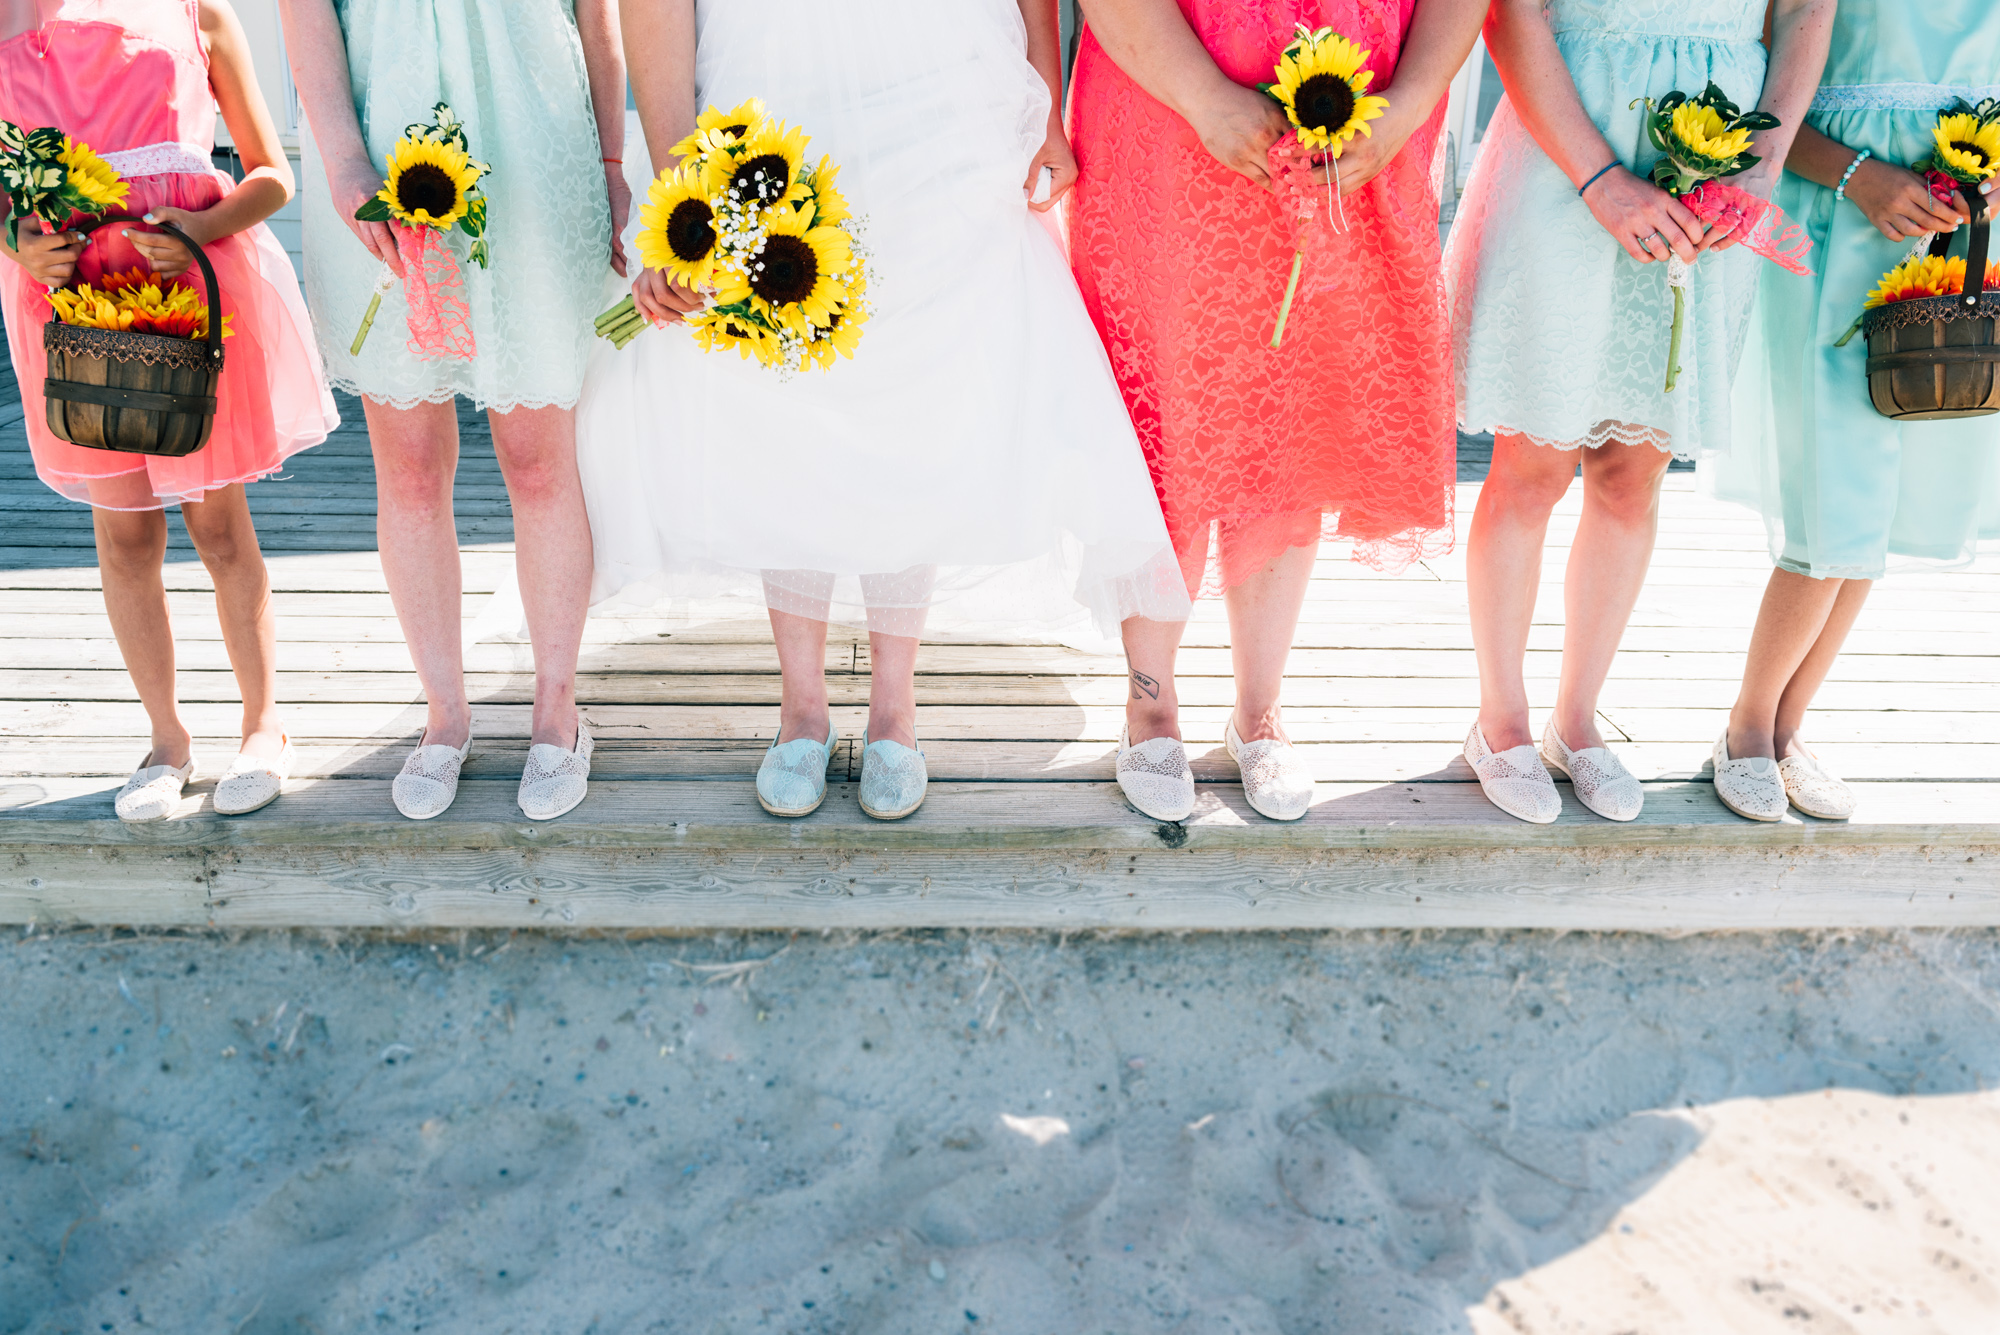 Bridal party's shoes